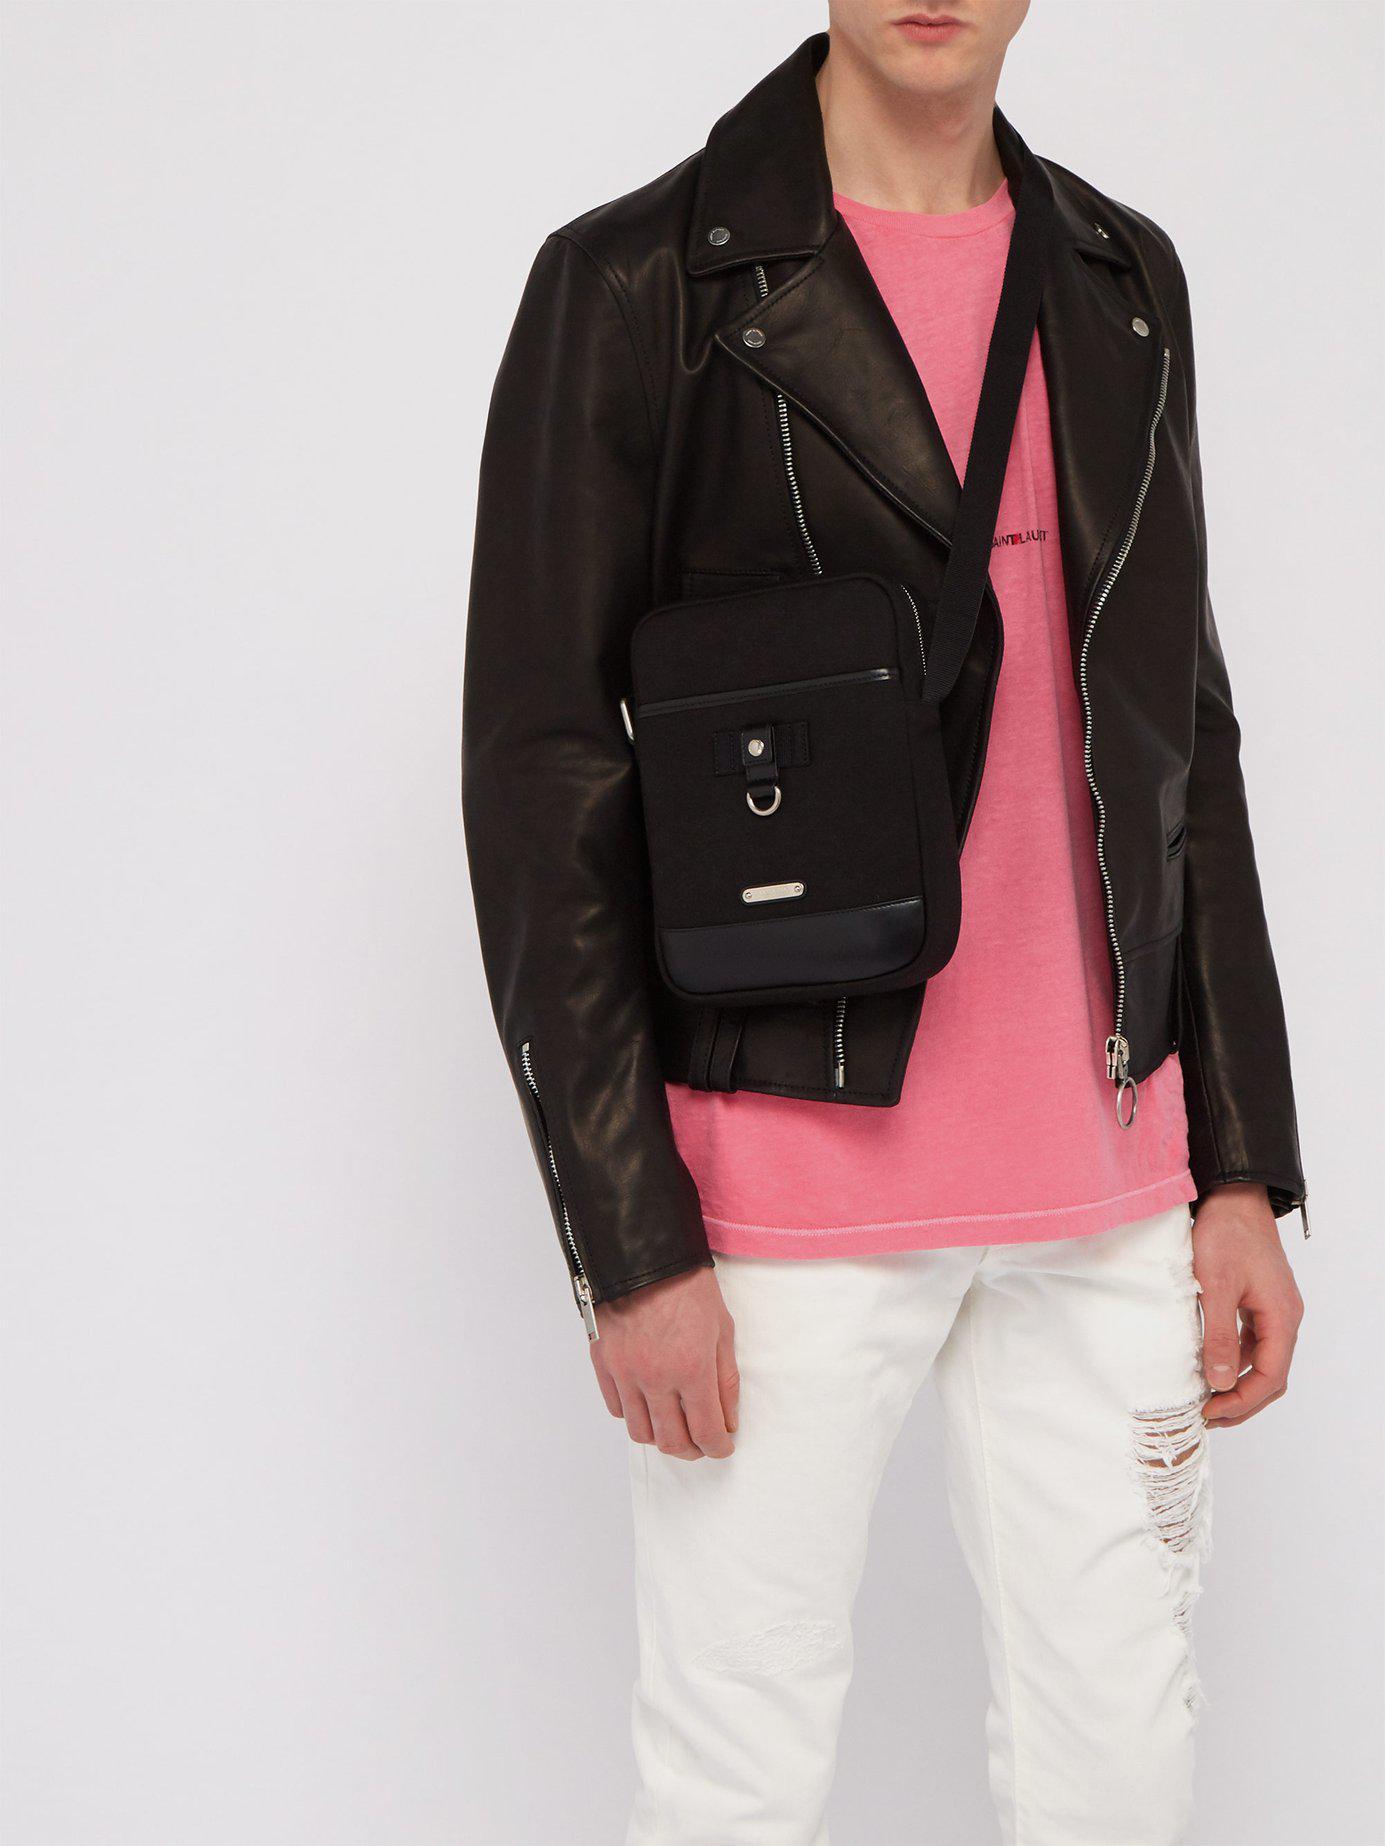 202d14ef99c0 Lyst - Saint Laurent Rivington Canvas Cross Body Bag in Black for Men -  Save 16%